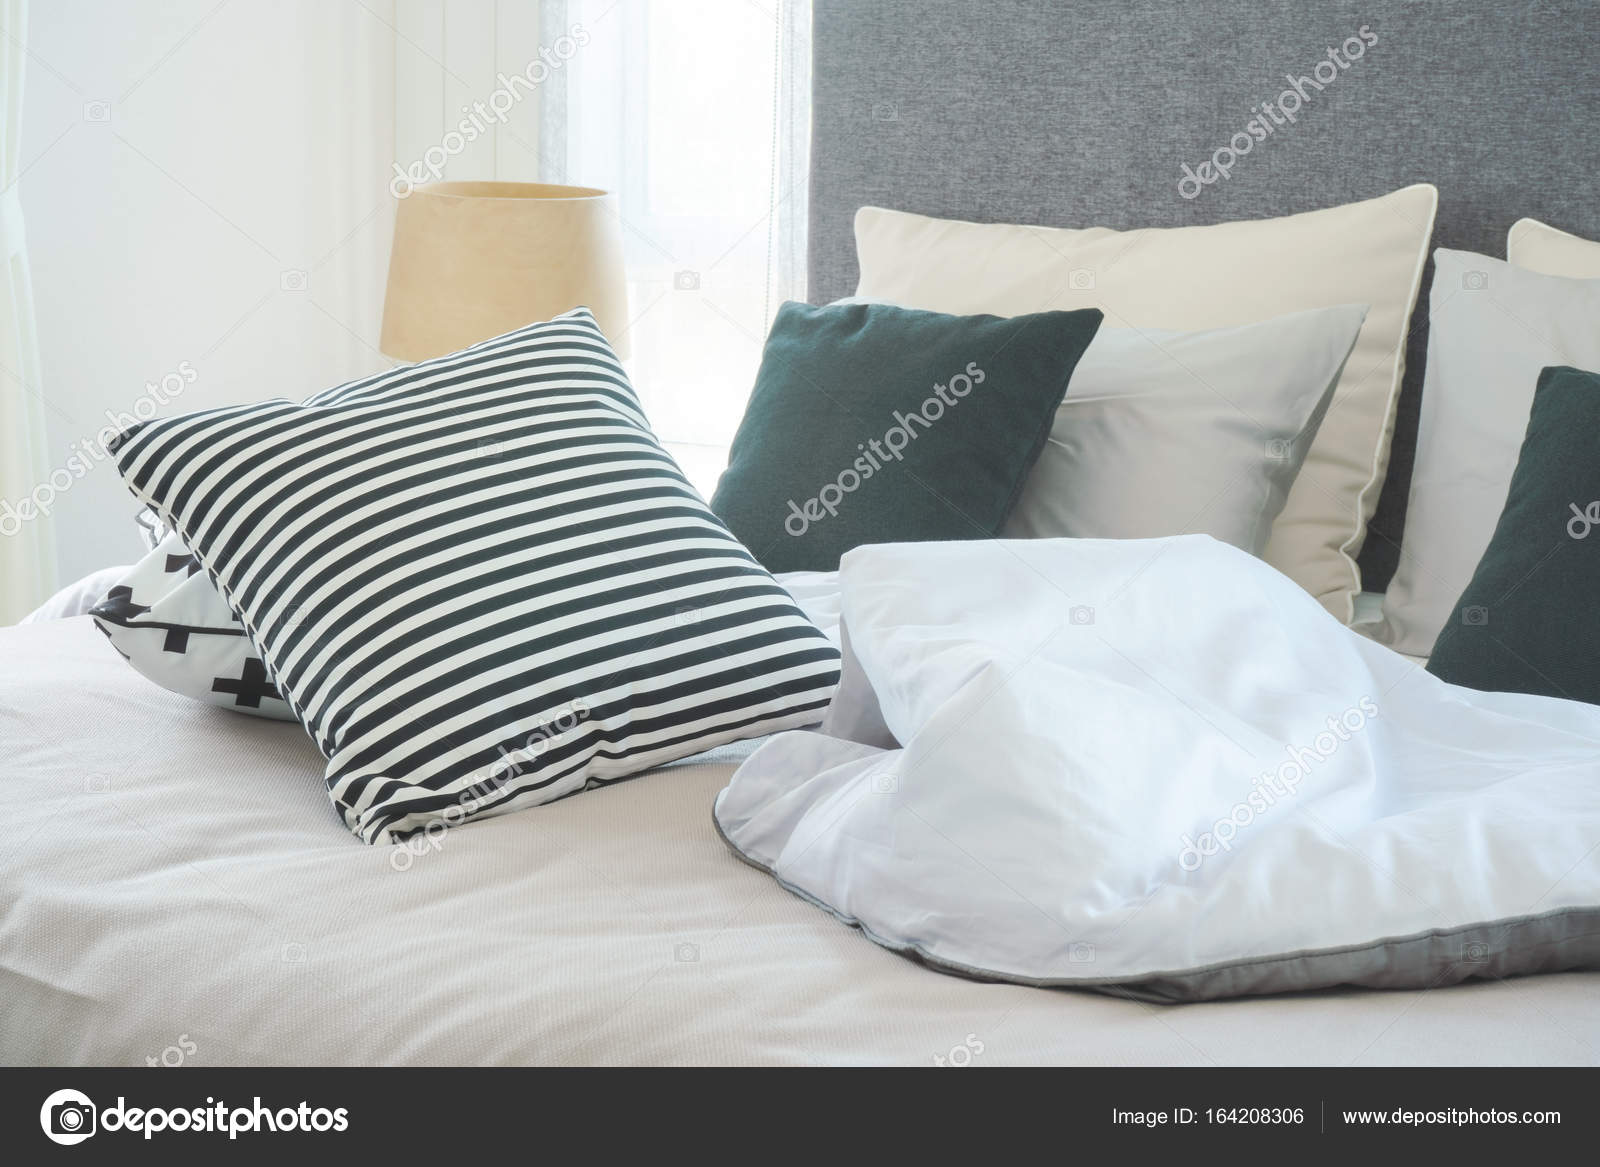 Disordinato letto con cuscini in camera da letto moderna interno